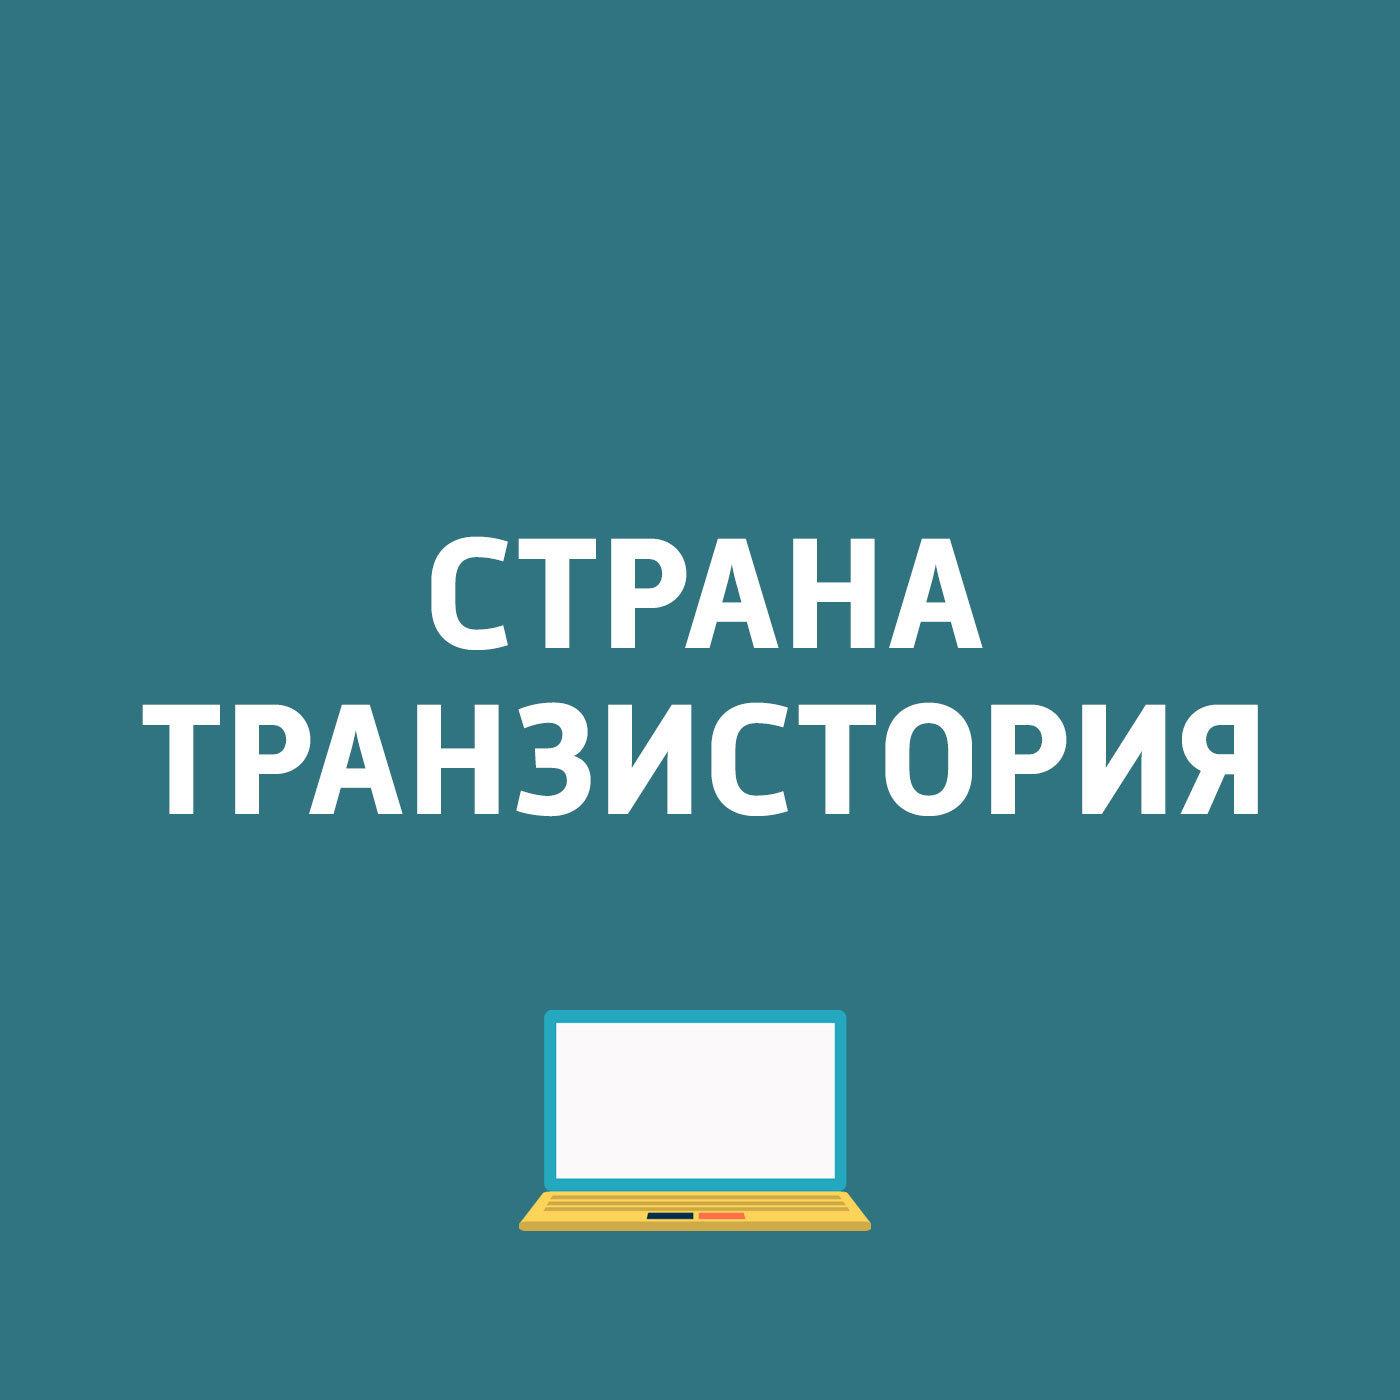 Картаев Павел Смартфон ZTE Nubia; Финальная версия iOS 12; Самые популярные функции смартфонов картаев павел zte nubia z17 mini домен ru отмечает день рождения